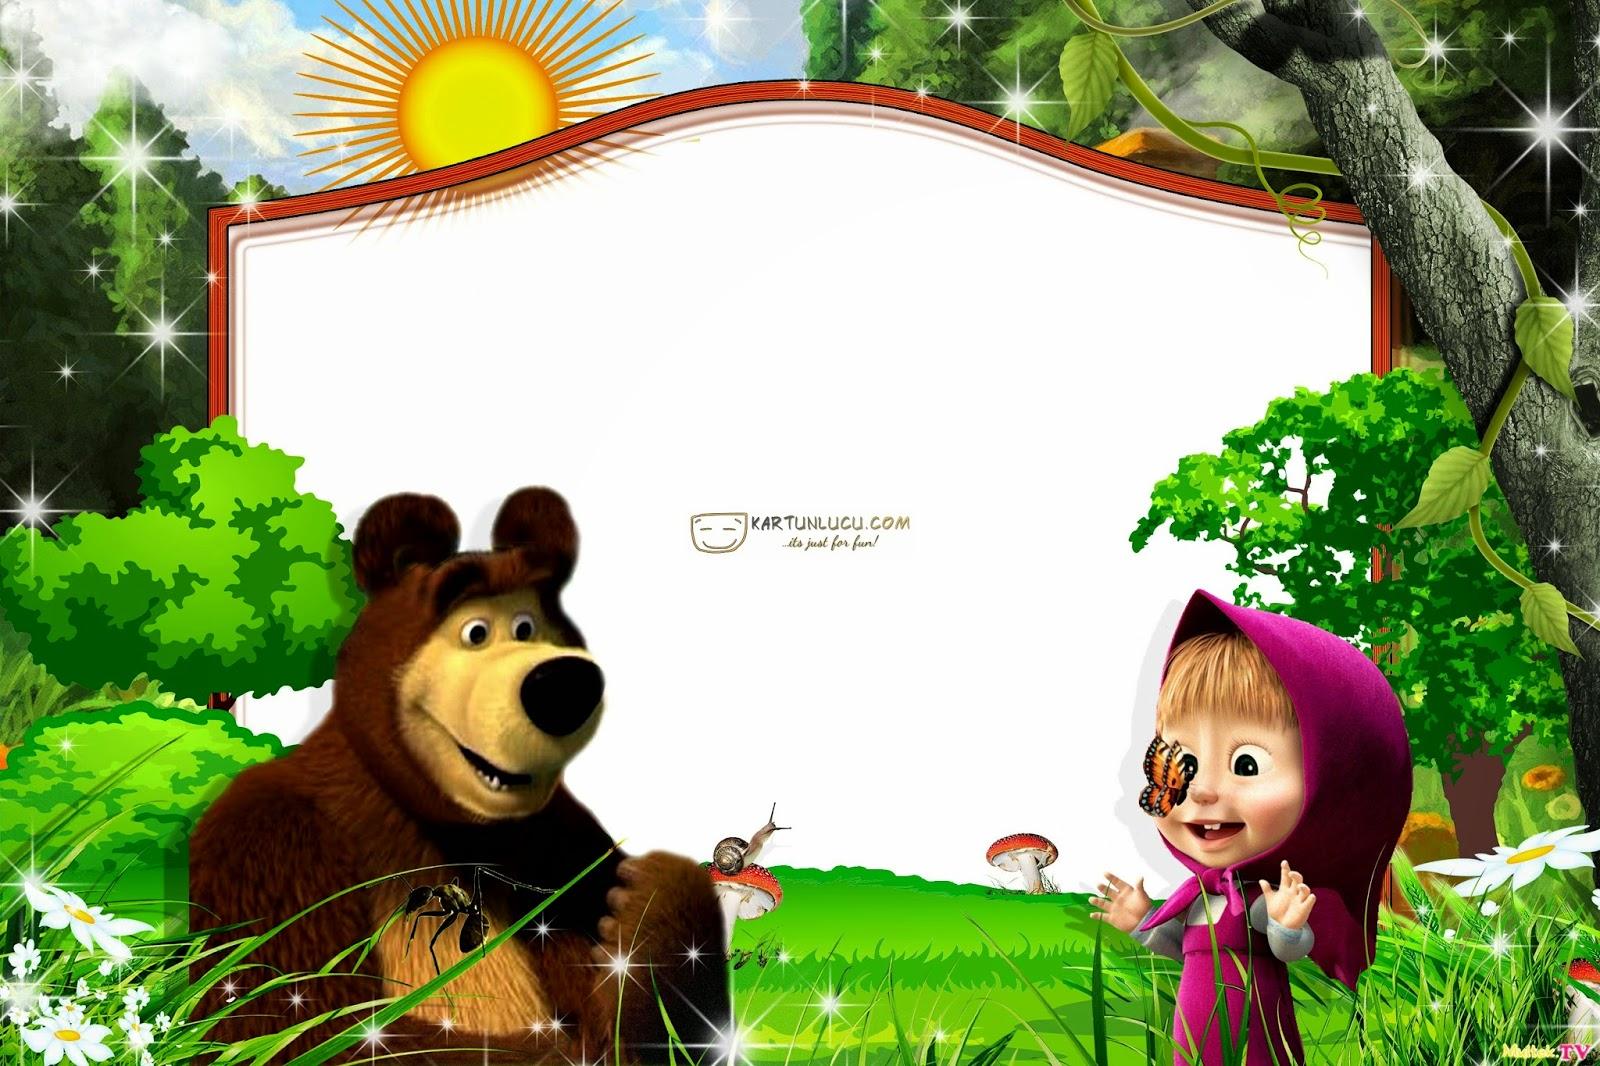 Маша и медведь  Фото в рамку  Вставить фото в рамку онлайн!